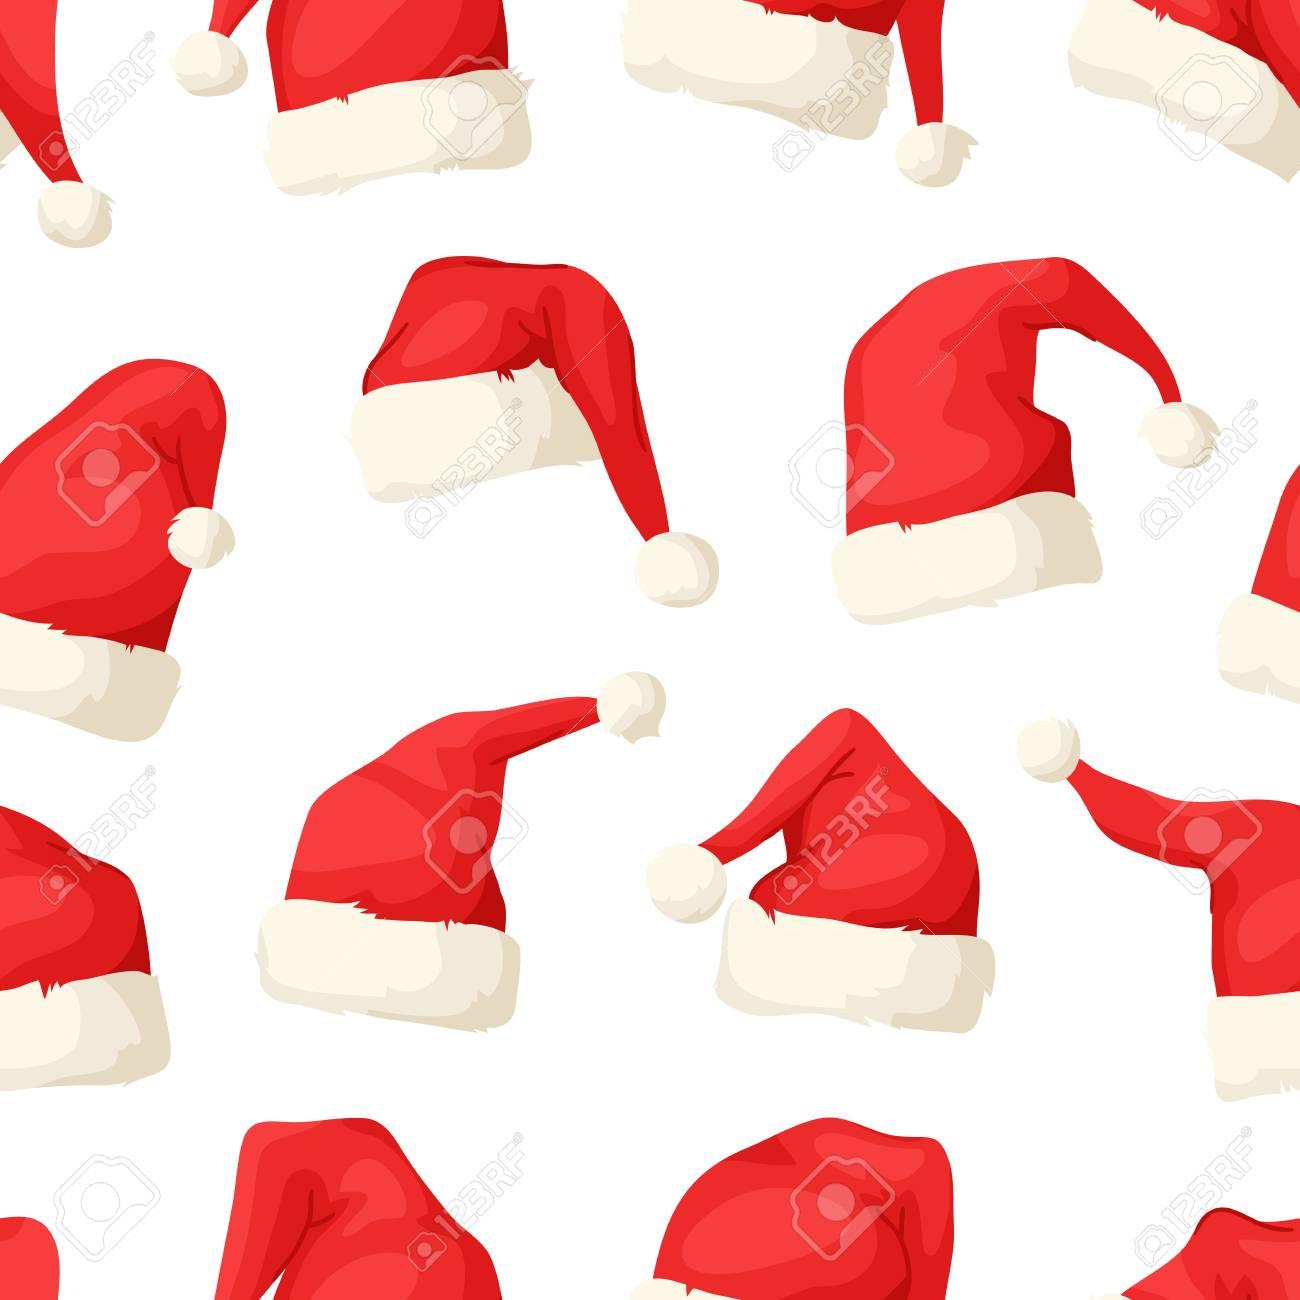 Modèle Sans Soudure étiré De Main Avec Des Chapeaux De Noël Dessin